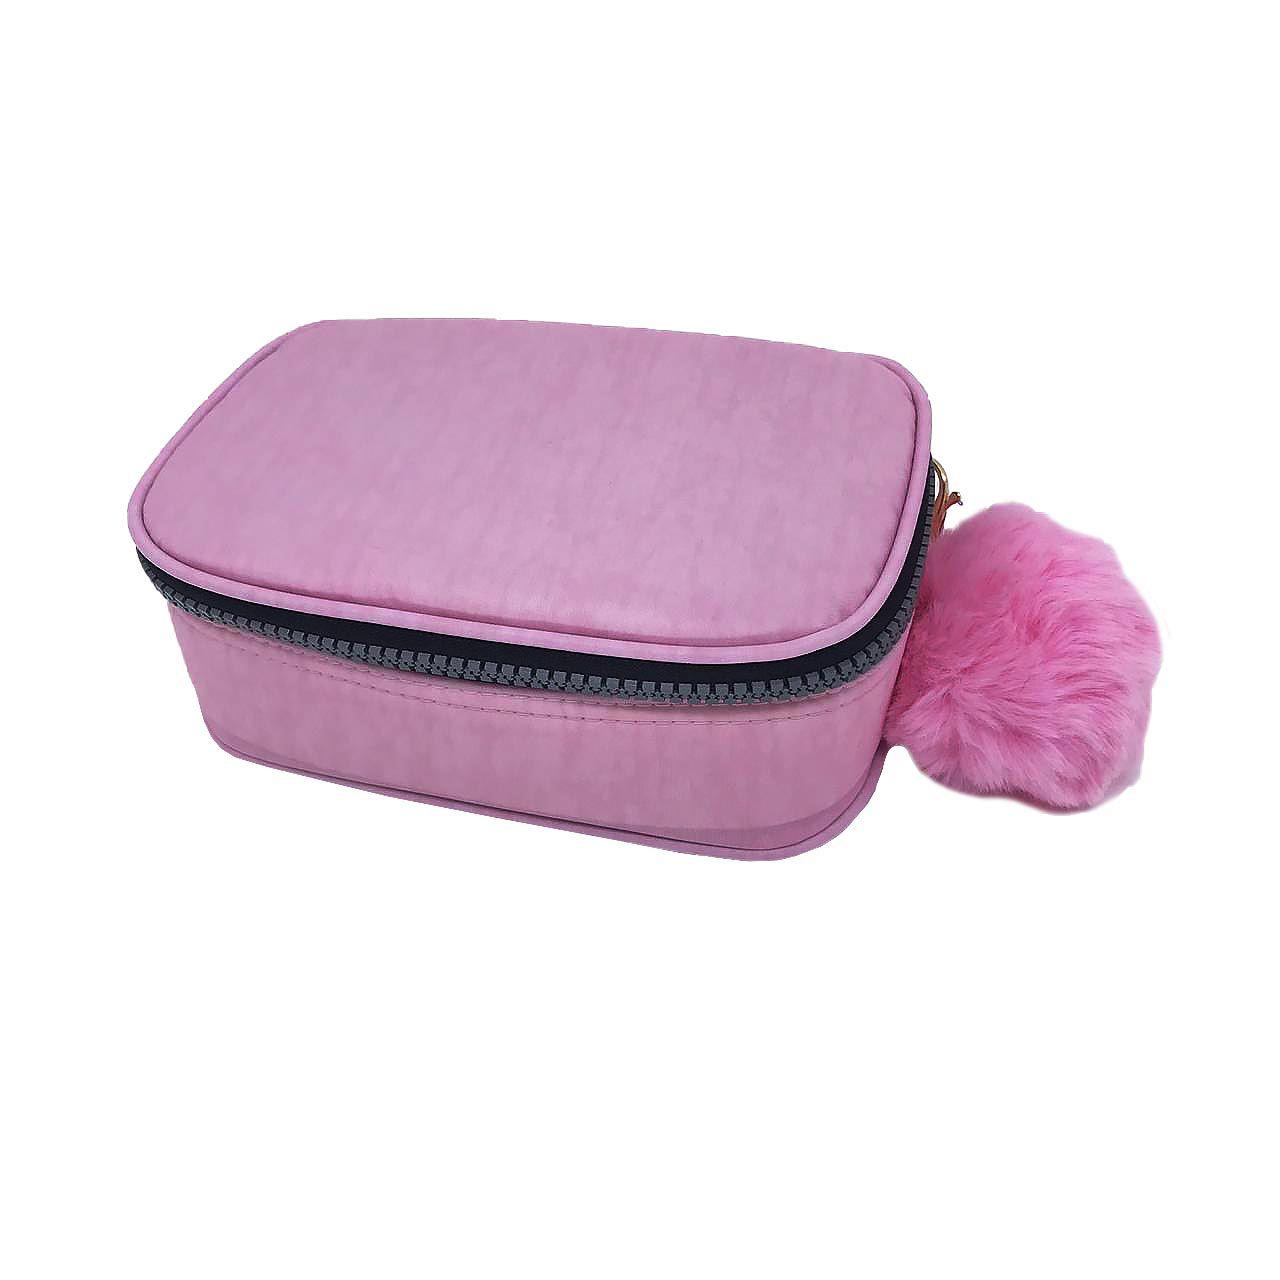 Estojo escolar box rosa claro Fizz